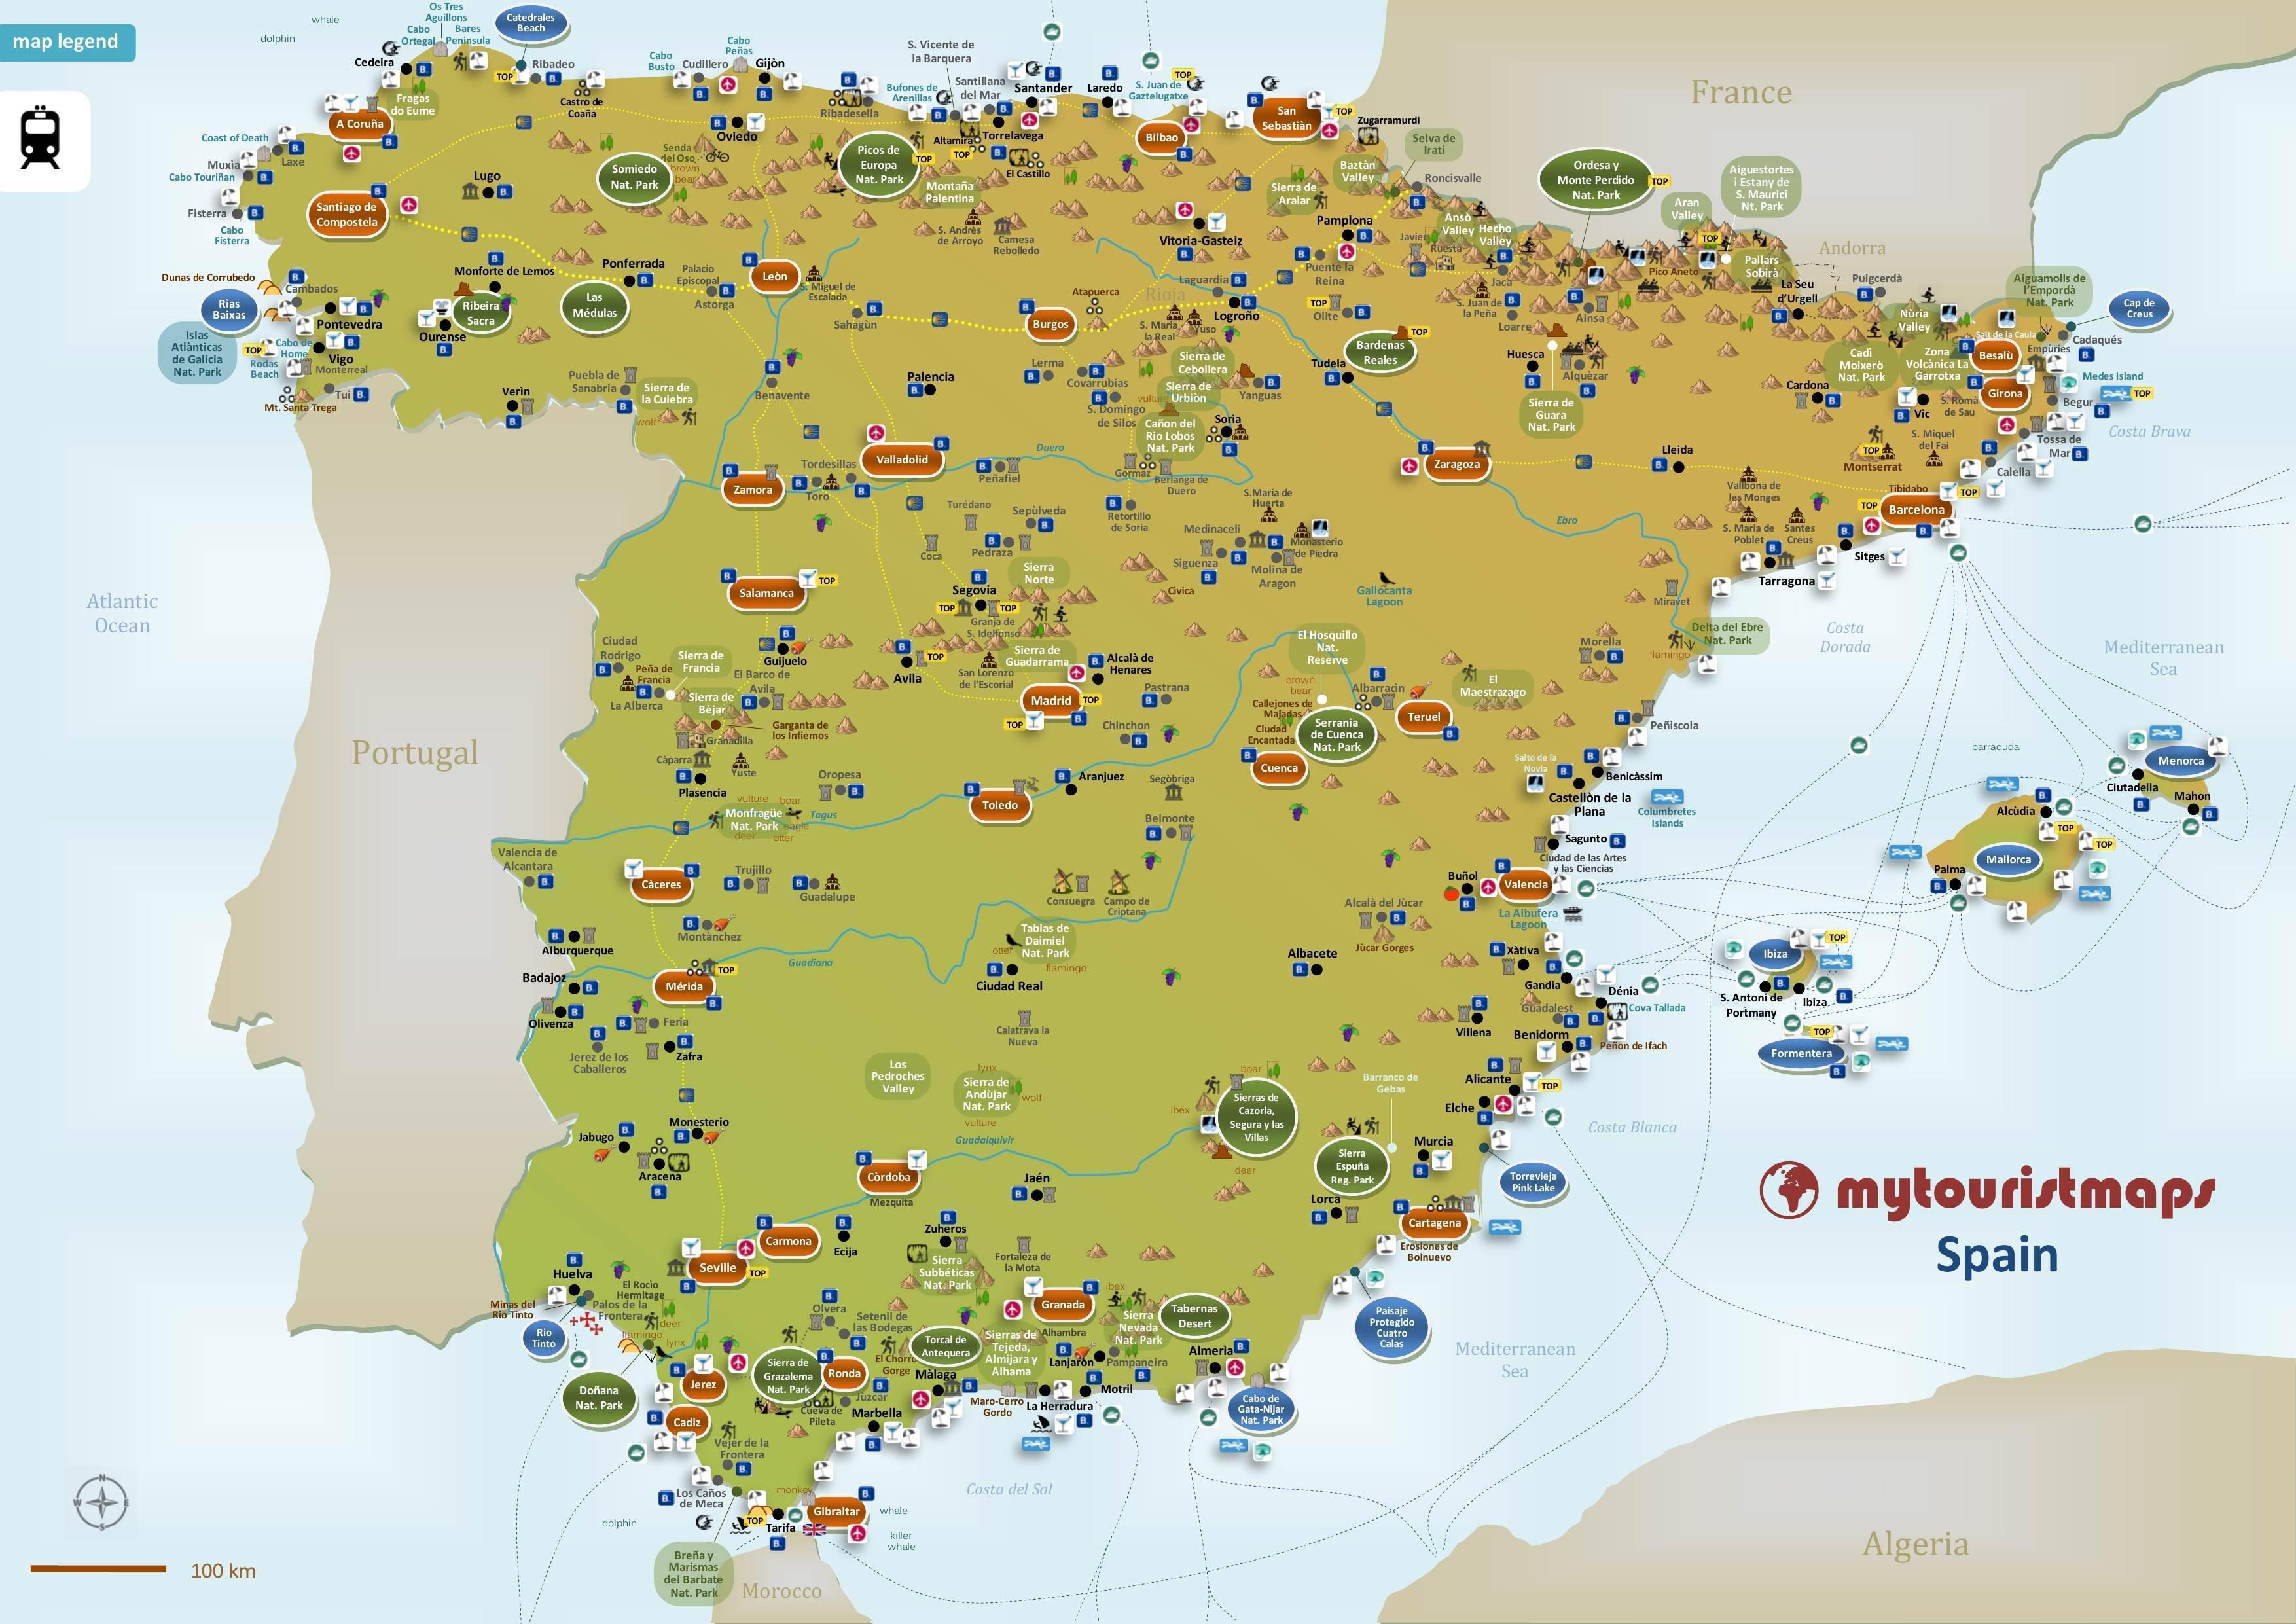 mapa turistico de espanha Espanha mapa turístico   Mapa da Espanha dos turistas (Sul da  mapa turistico de espanha